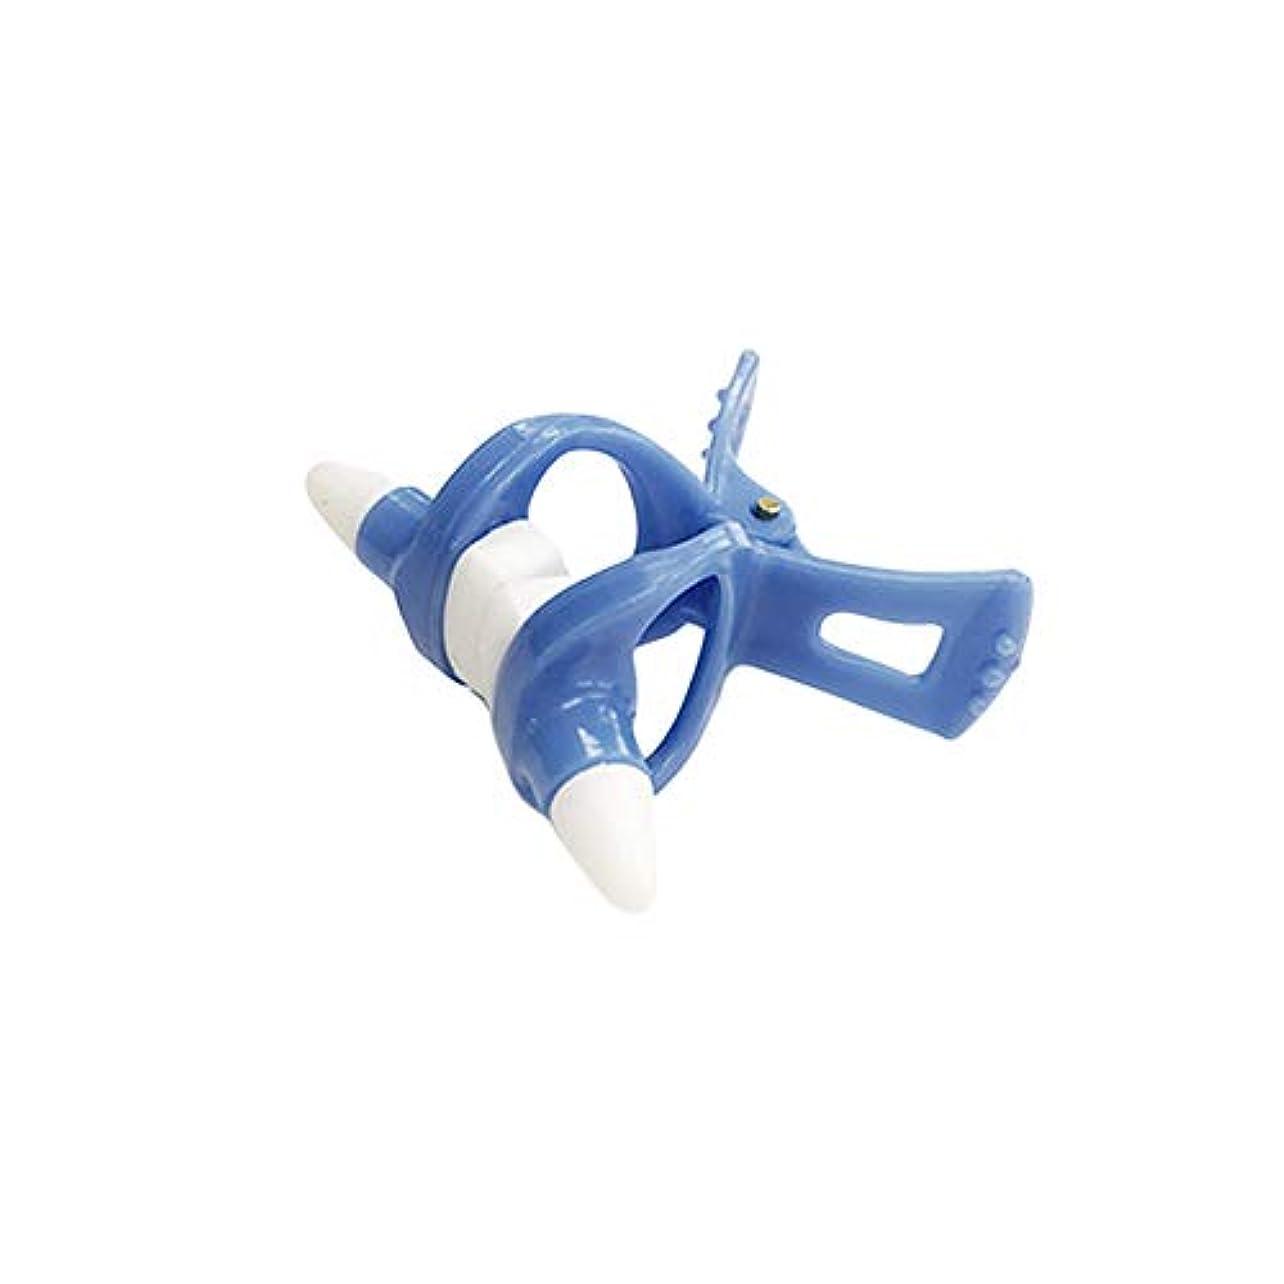 教育牽引代数的[jolifavori]鼻を高くするための矯正クリップ 鼻高々ノーズアップ 美容グッズ